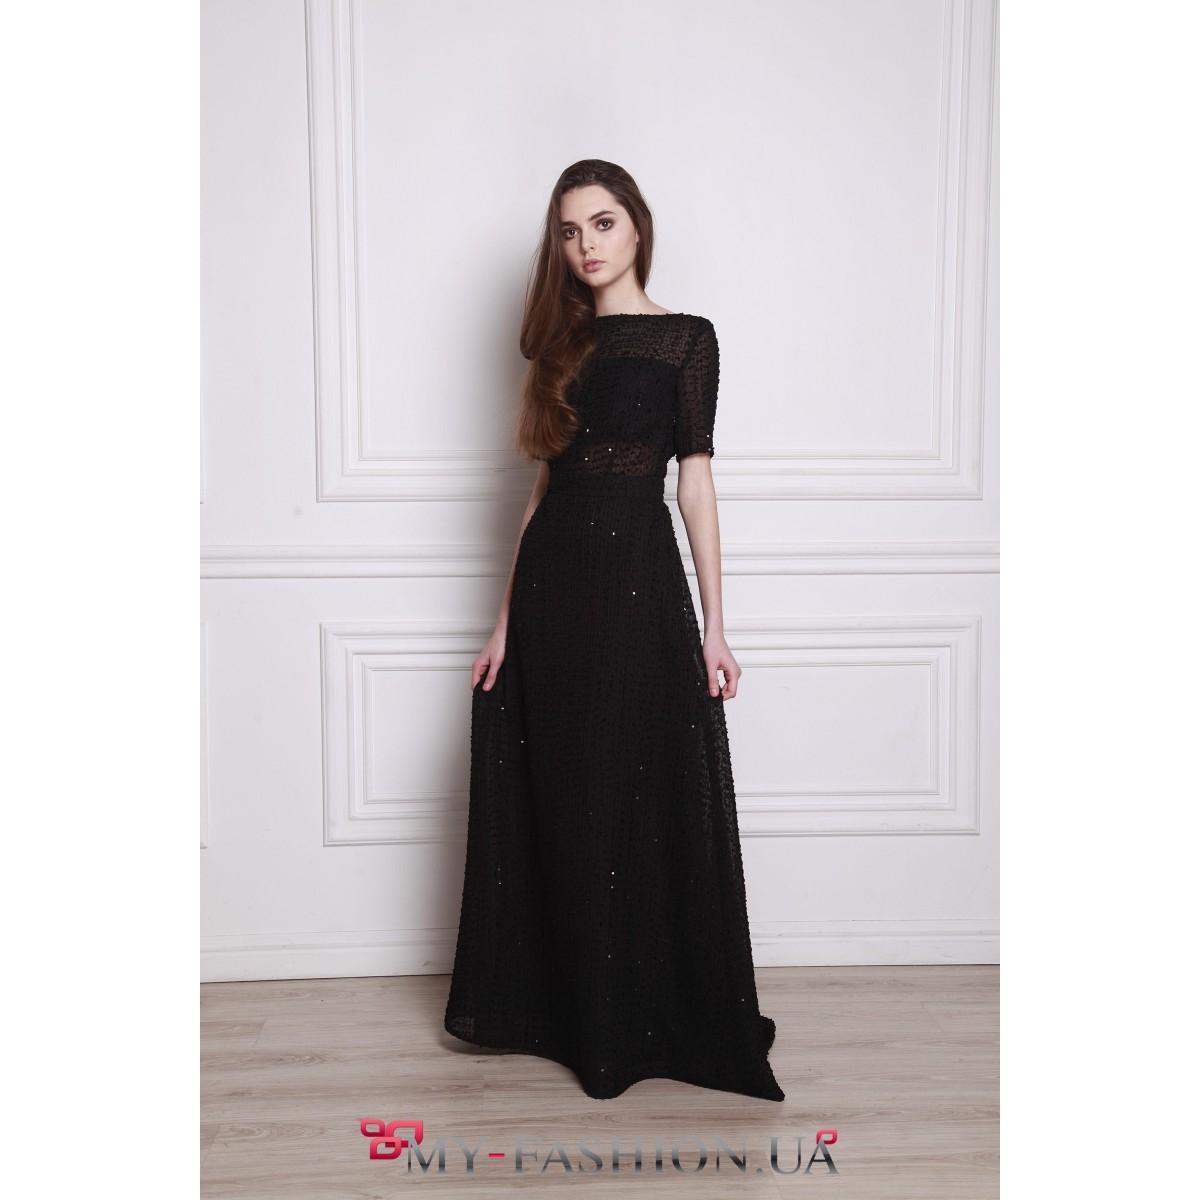 Вечернее платье с открытой спиной купить